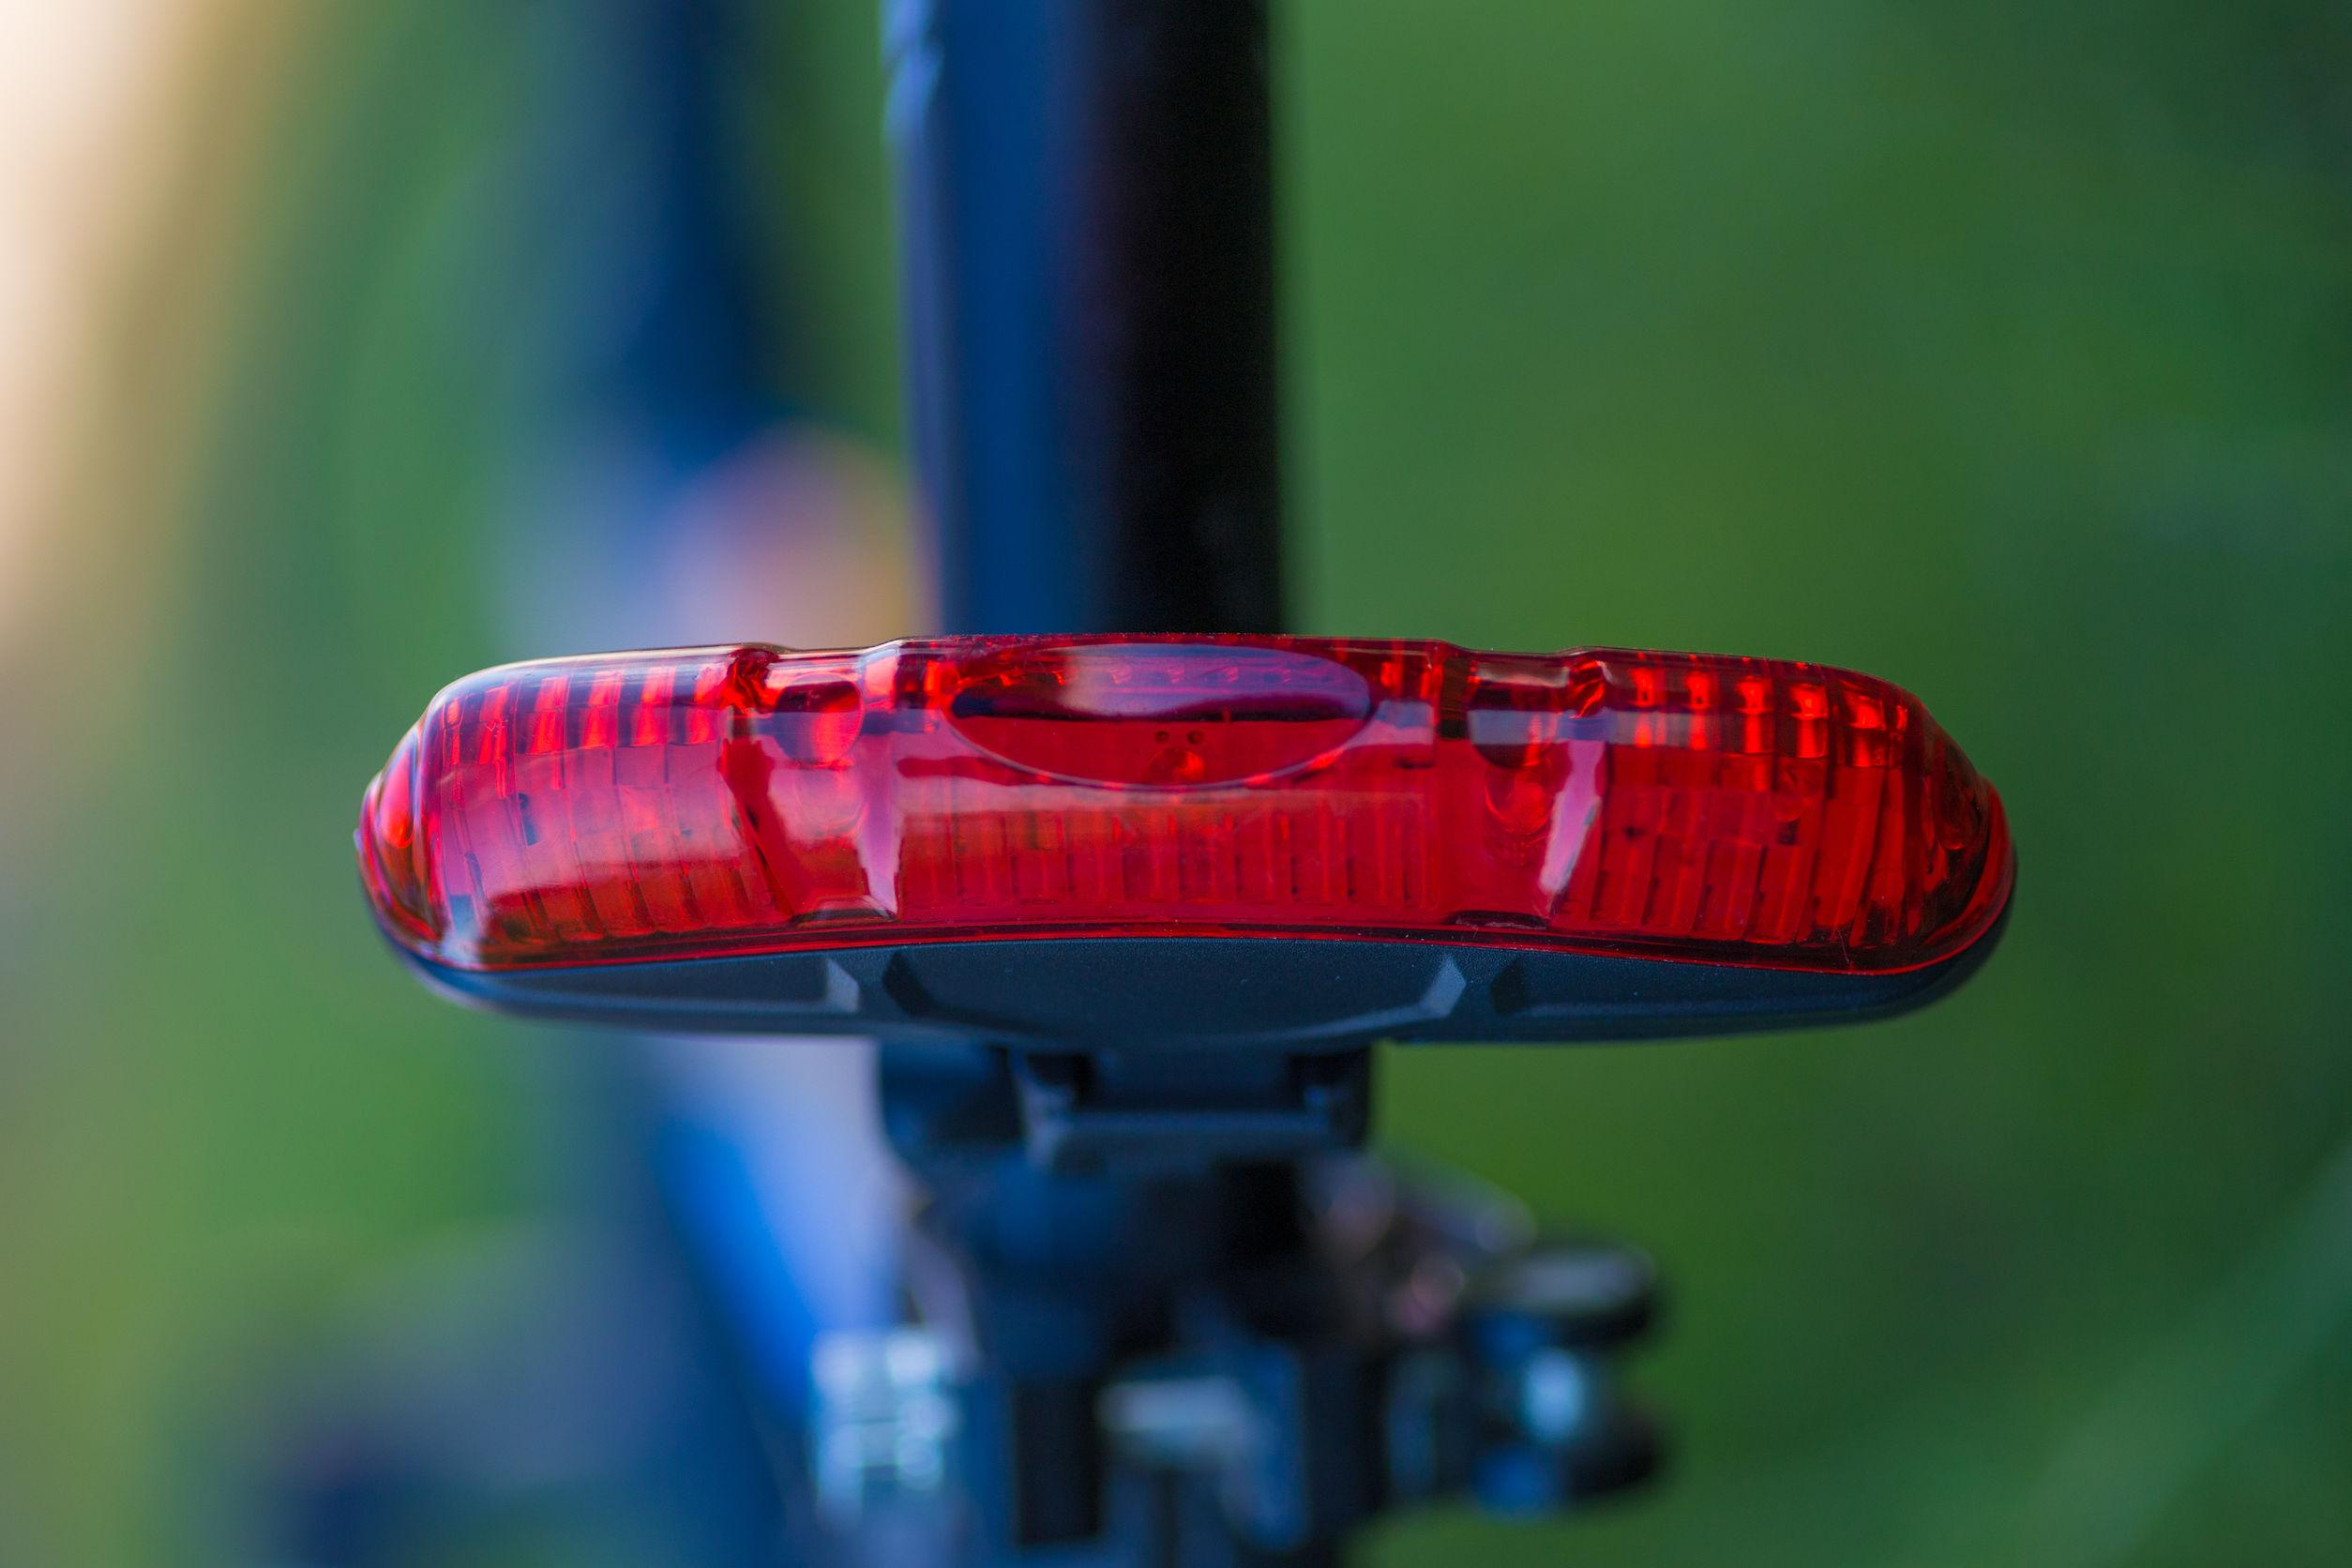 Fahrrad Rücklicht: Test & Empfehlungen (03/21)